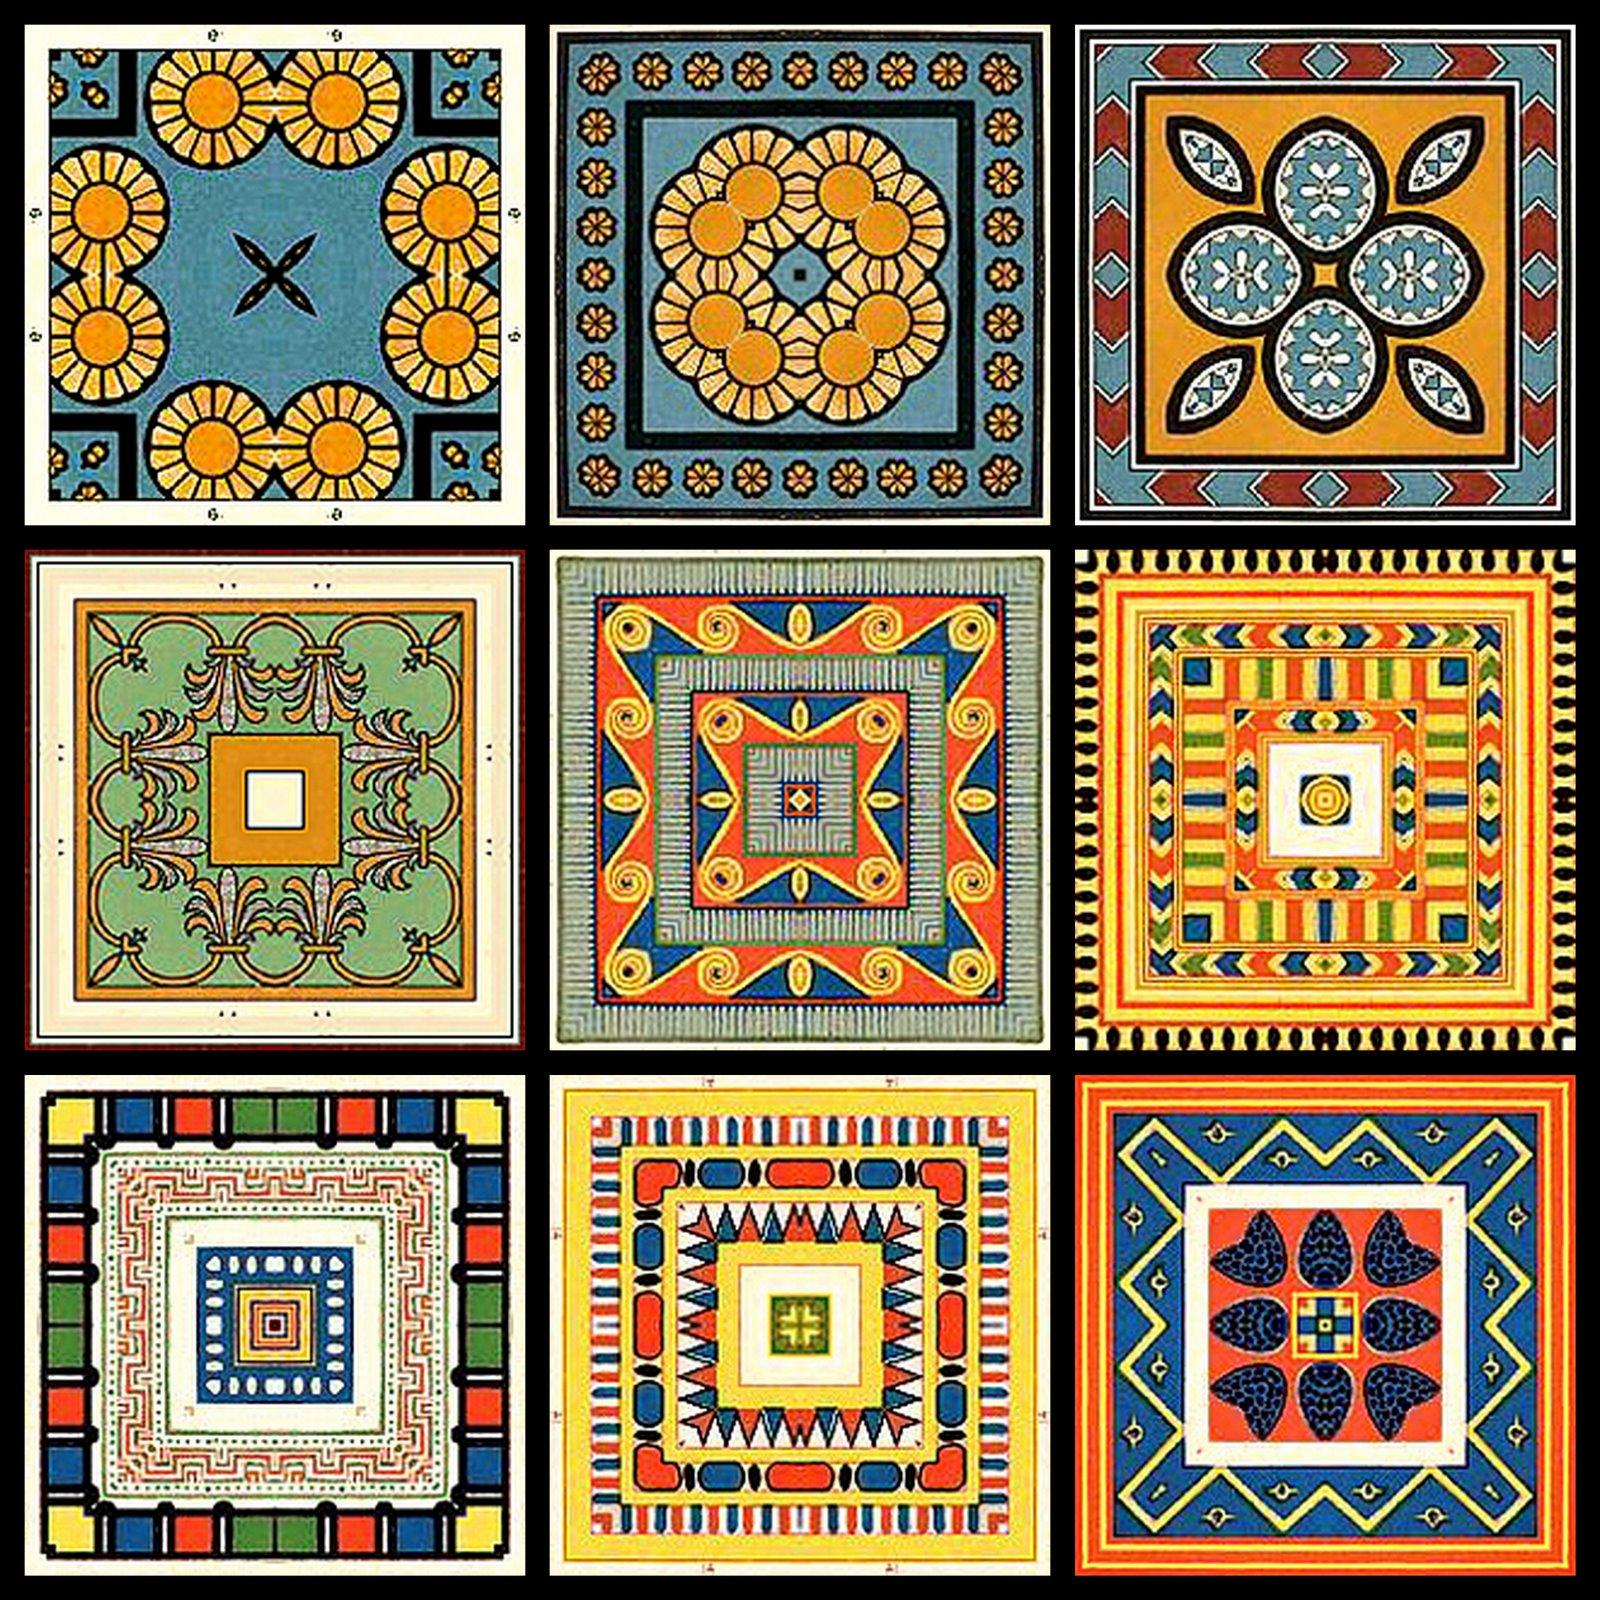 http://1.bp.blogspot.com/-QQtVkUinlqI/TVhm8u6oiDI/AAAAAAABL-E/WBSns8LQ87w/s1600/Egypt.jpg